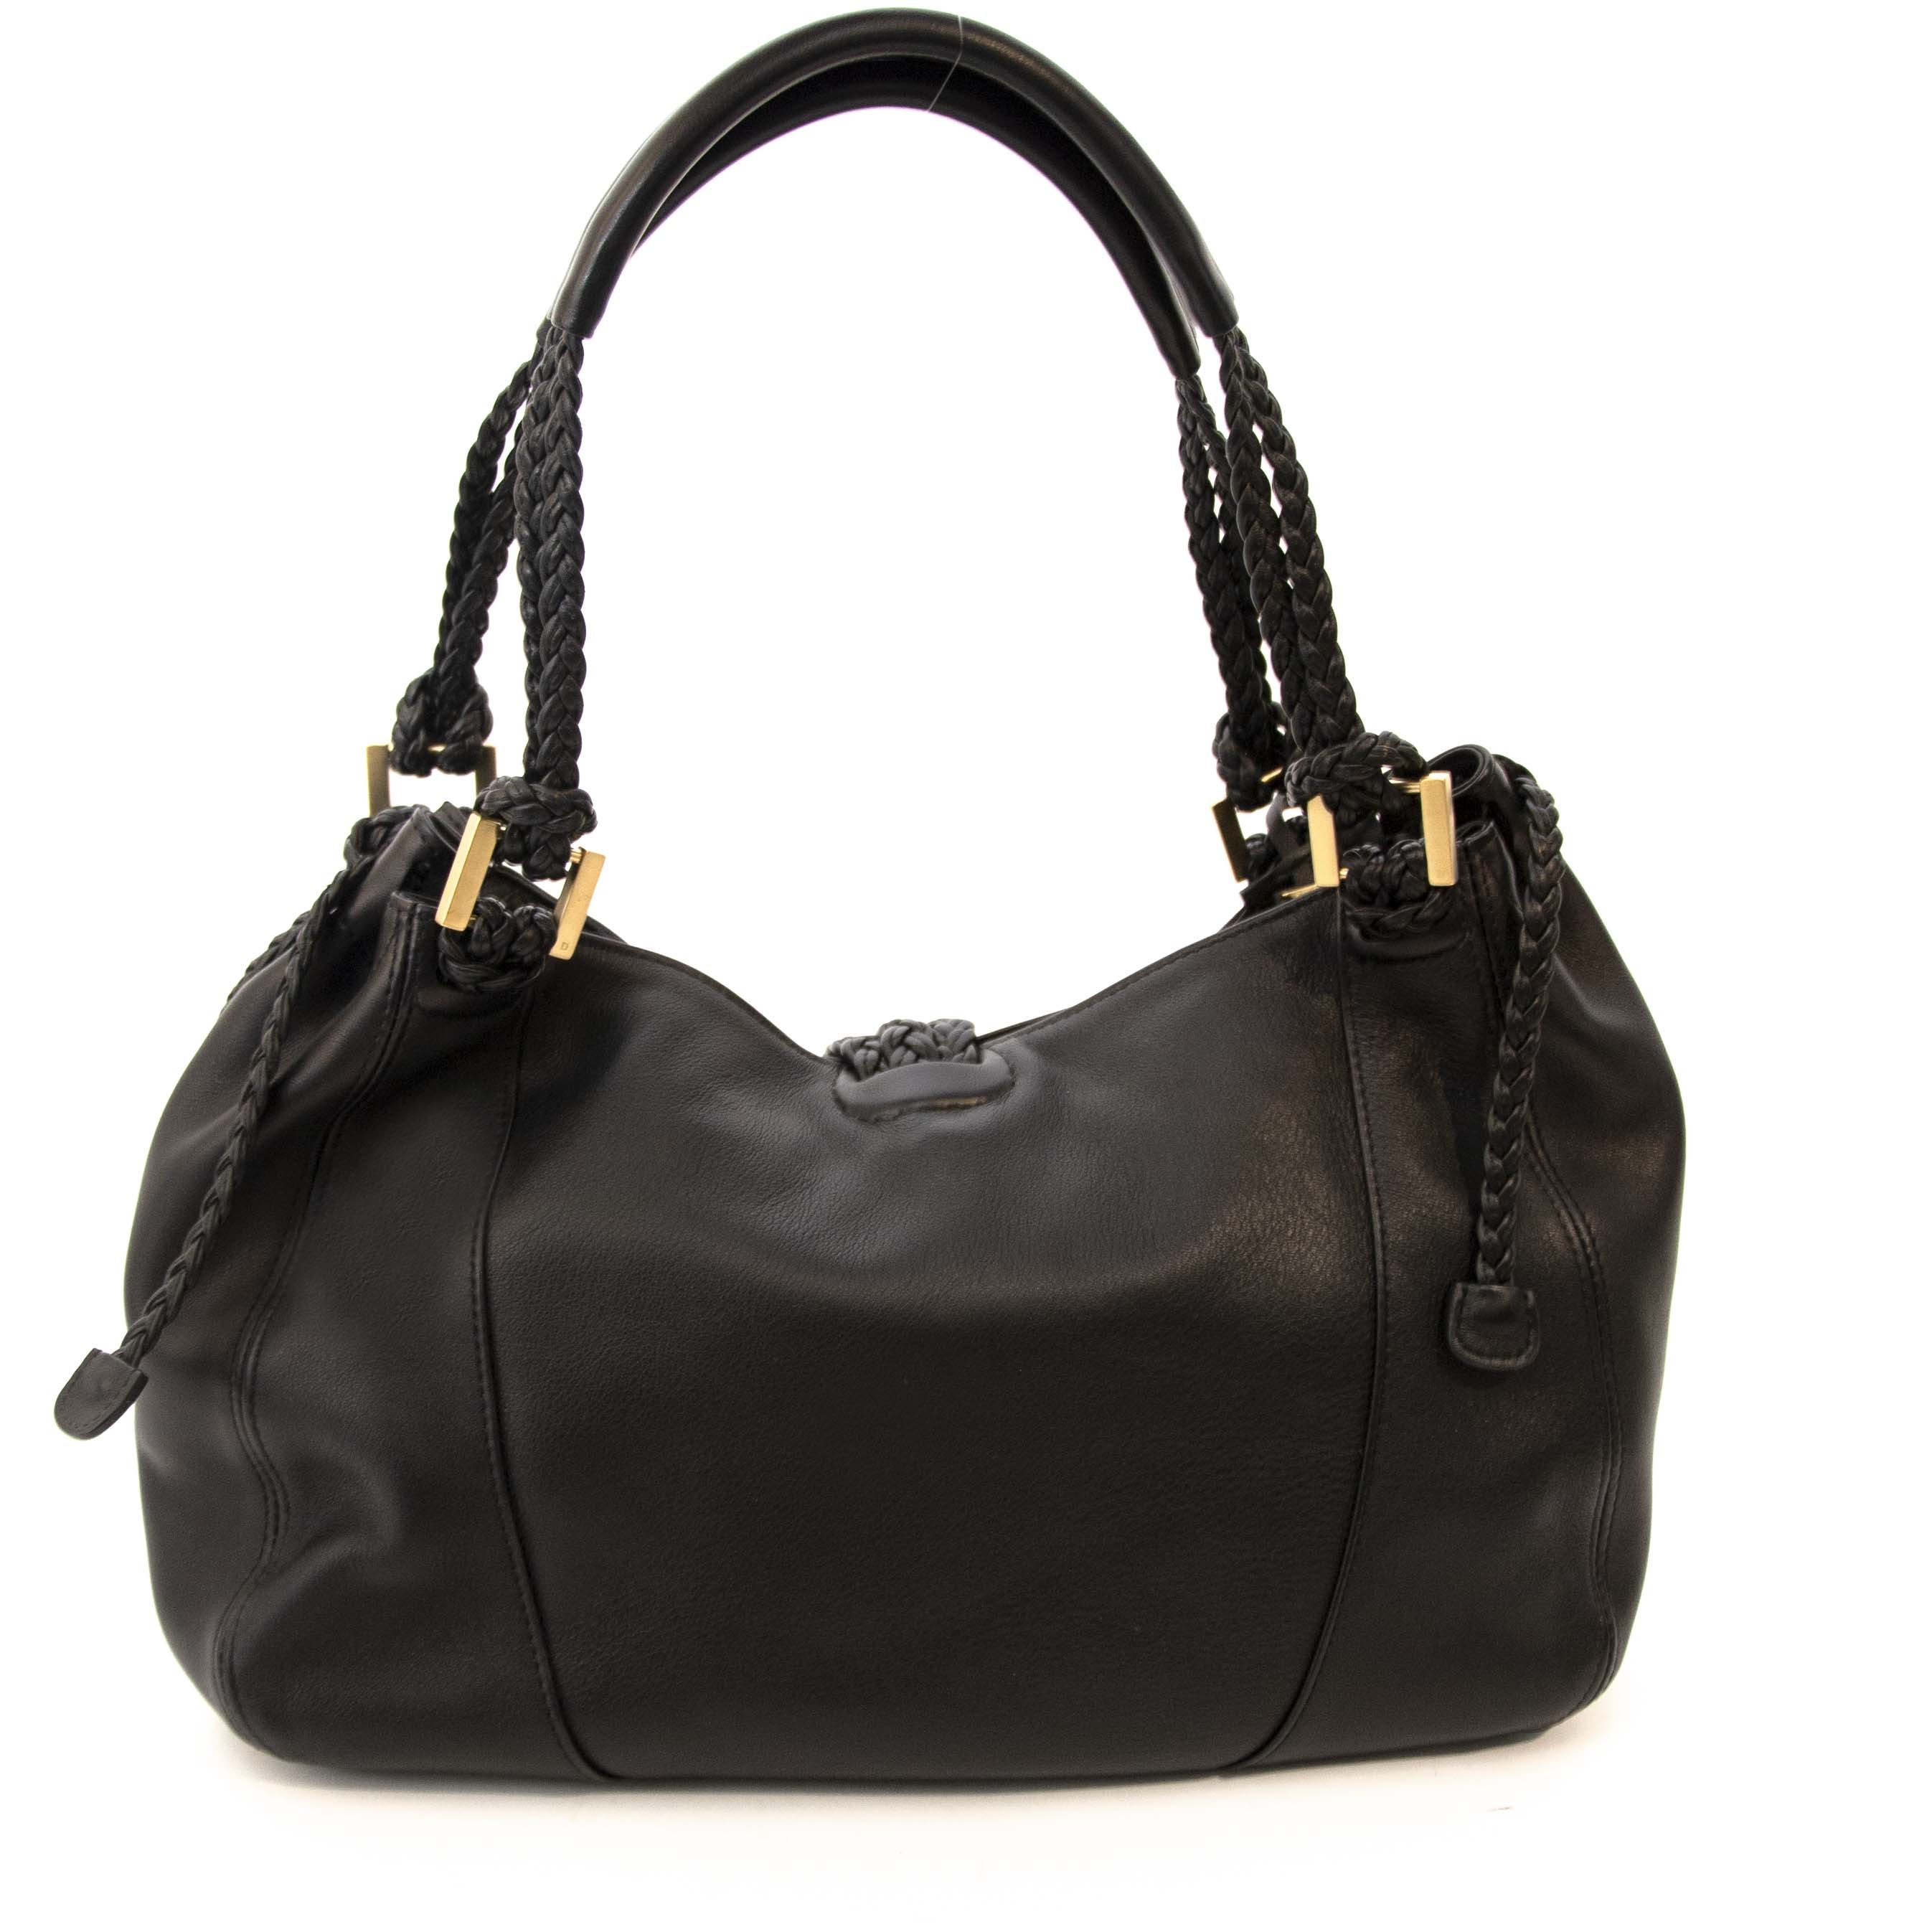 dc8629210b3b ... shop safe and secure online at labellov.com Delvaux Black Eugene PM Bag